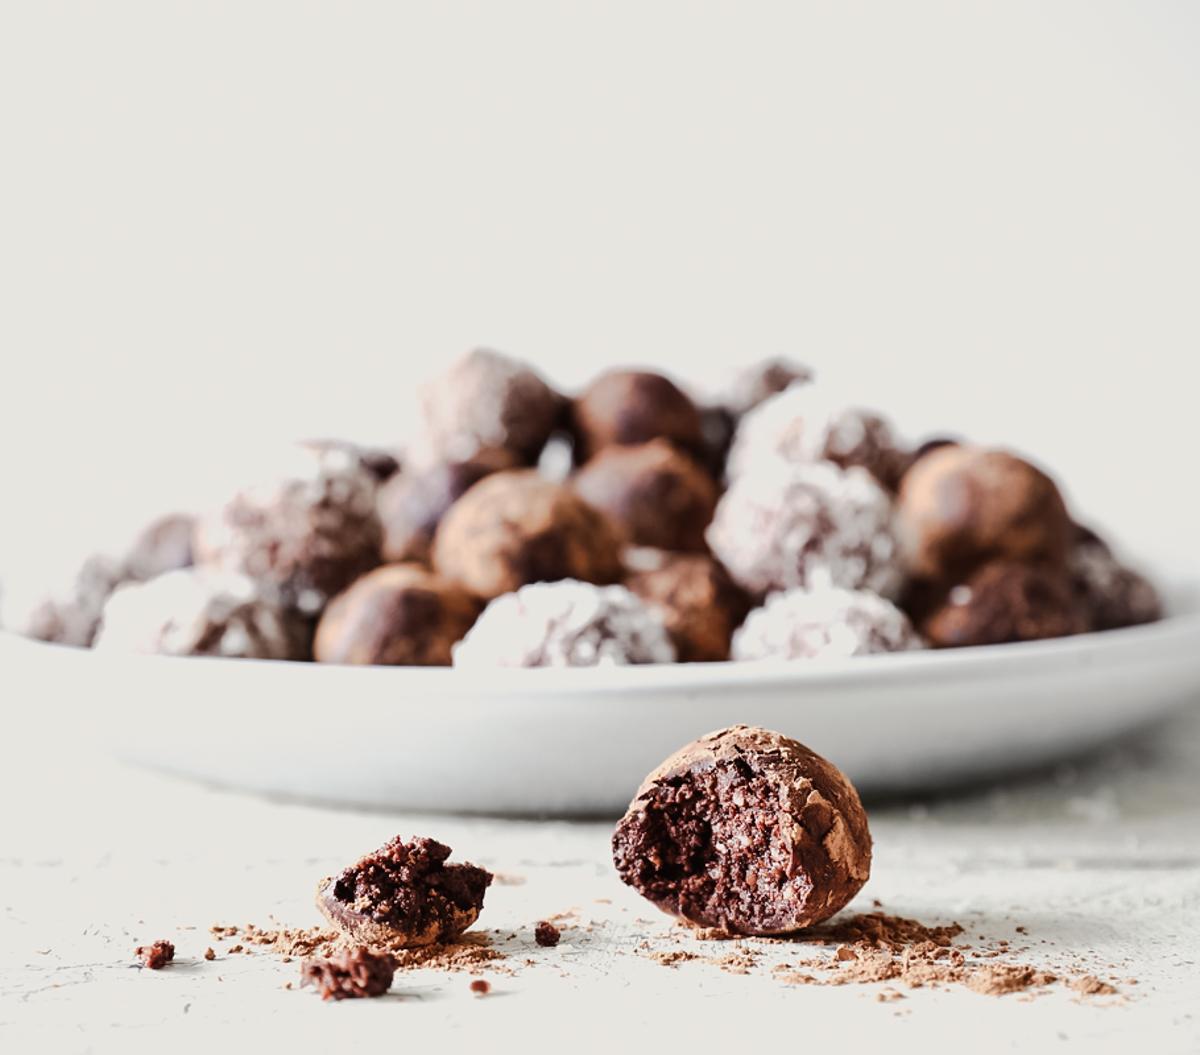 Nutty Chocolate Truffles